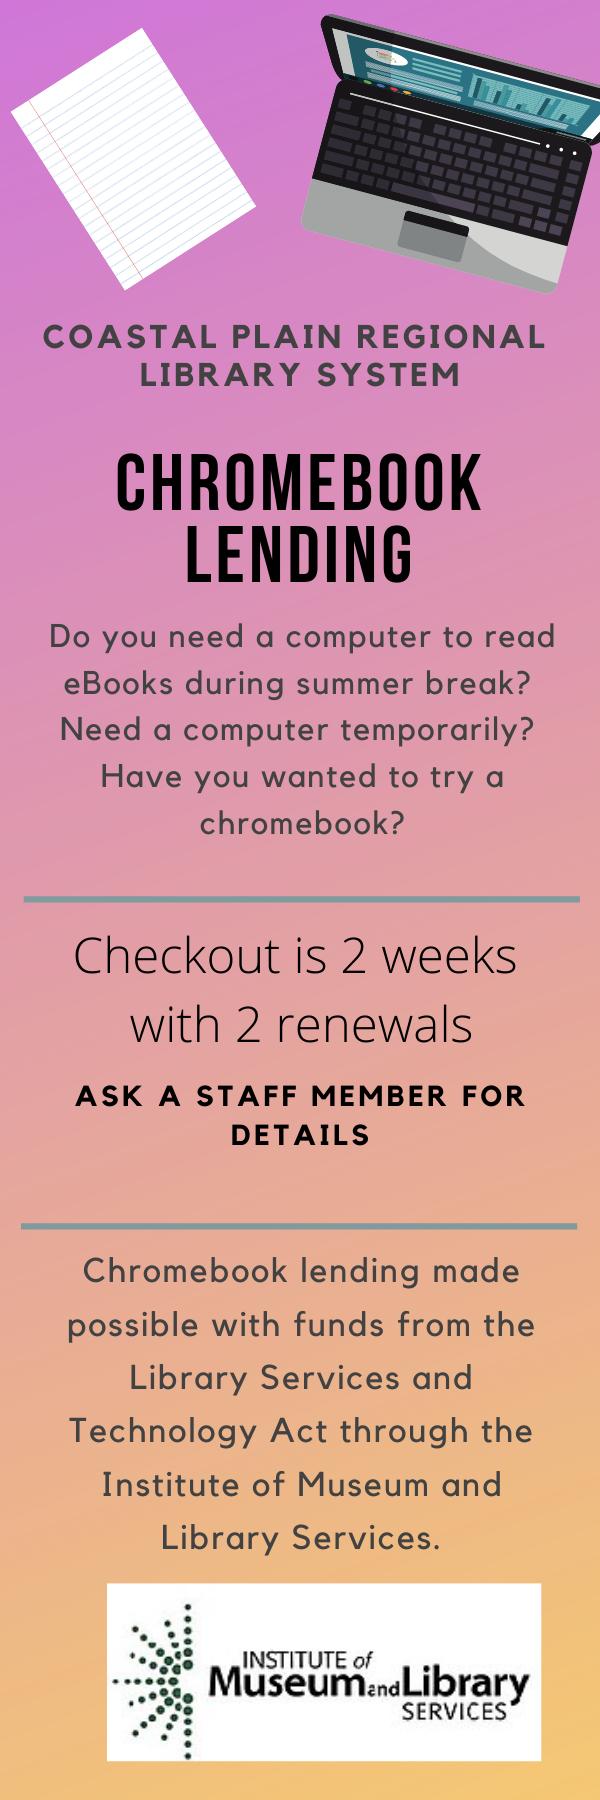 Chromebook lending